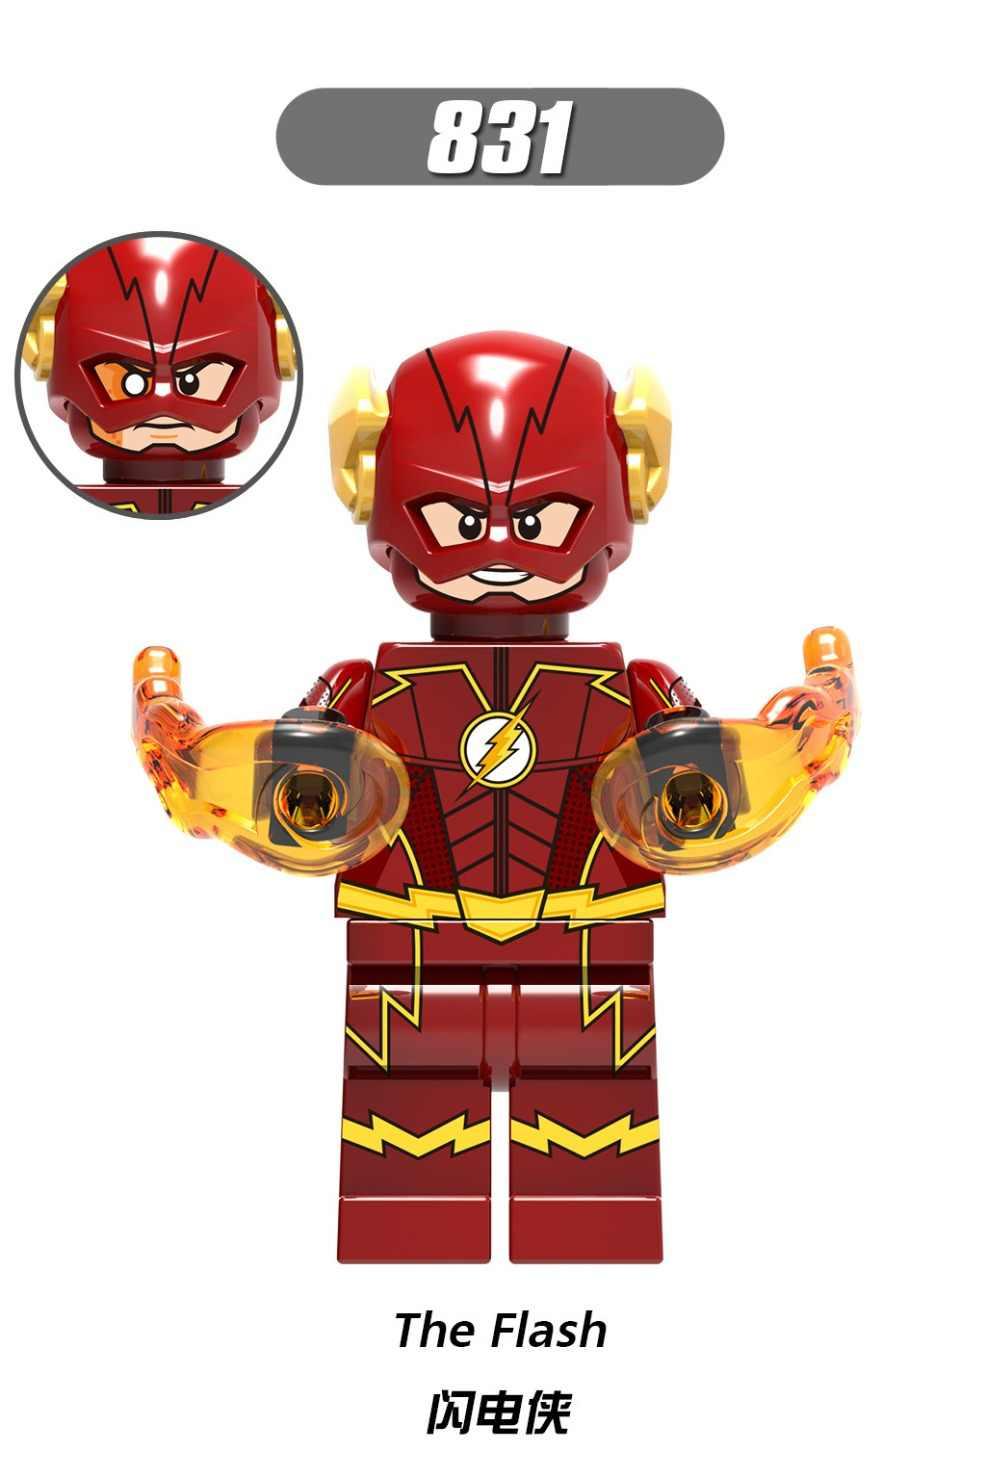 X0188 nhân vật Marvel Hiện Vật 4 Siêu Nhân flash tương thích LegoINGls Bắn Súng Siêu Nhân trẻ em Bộ Xây Dựng Module đồ chơi